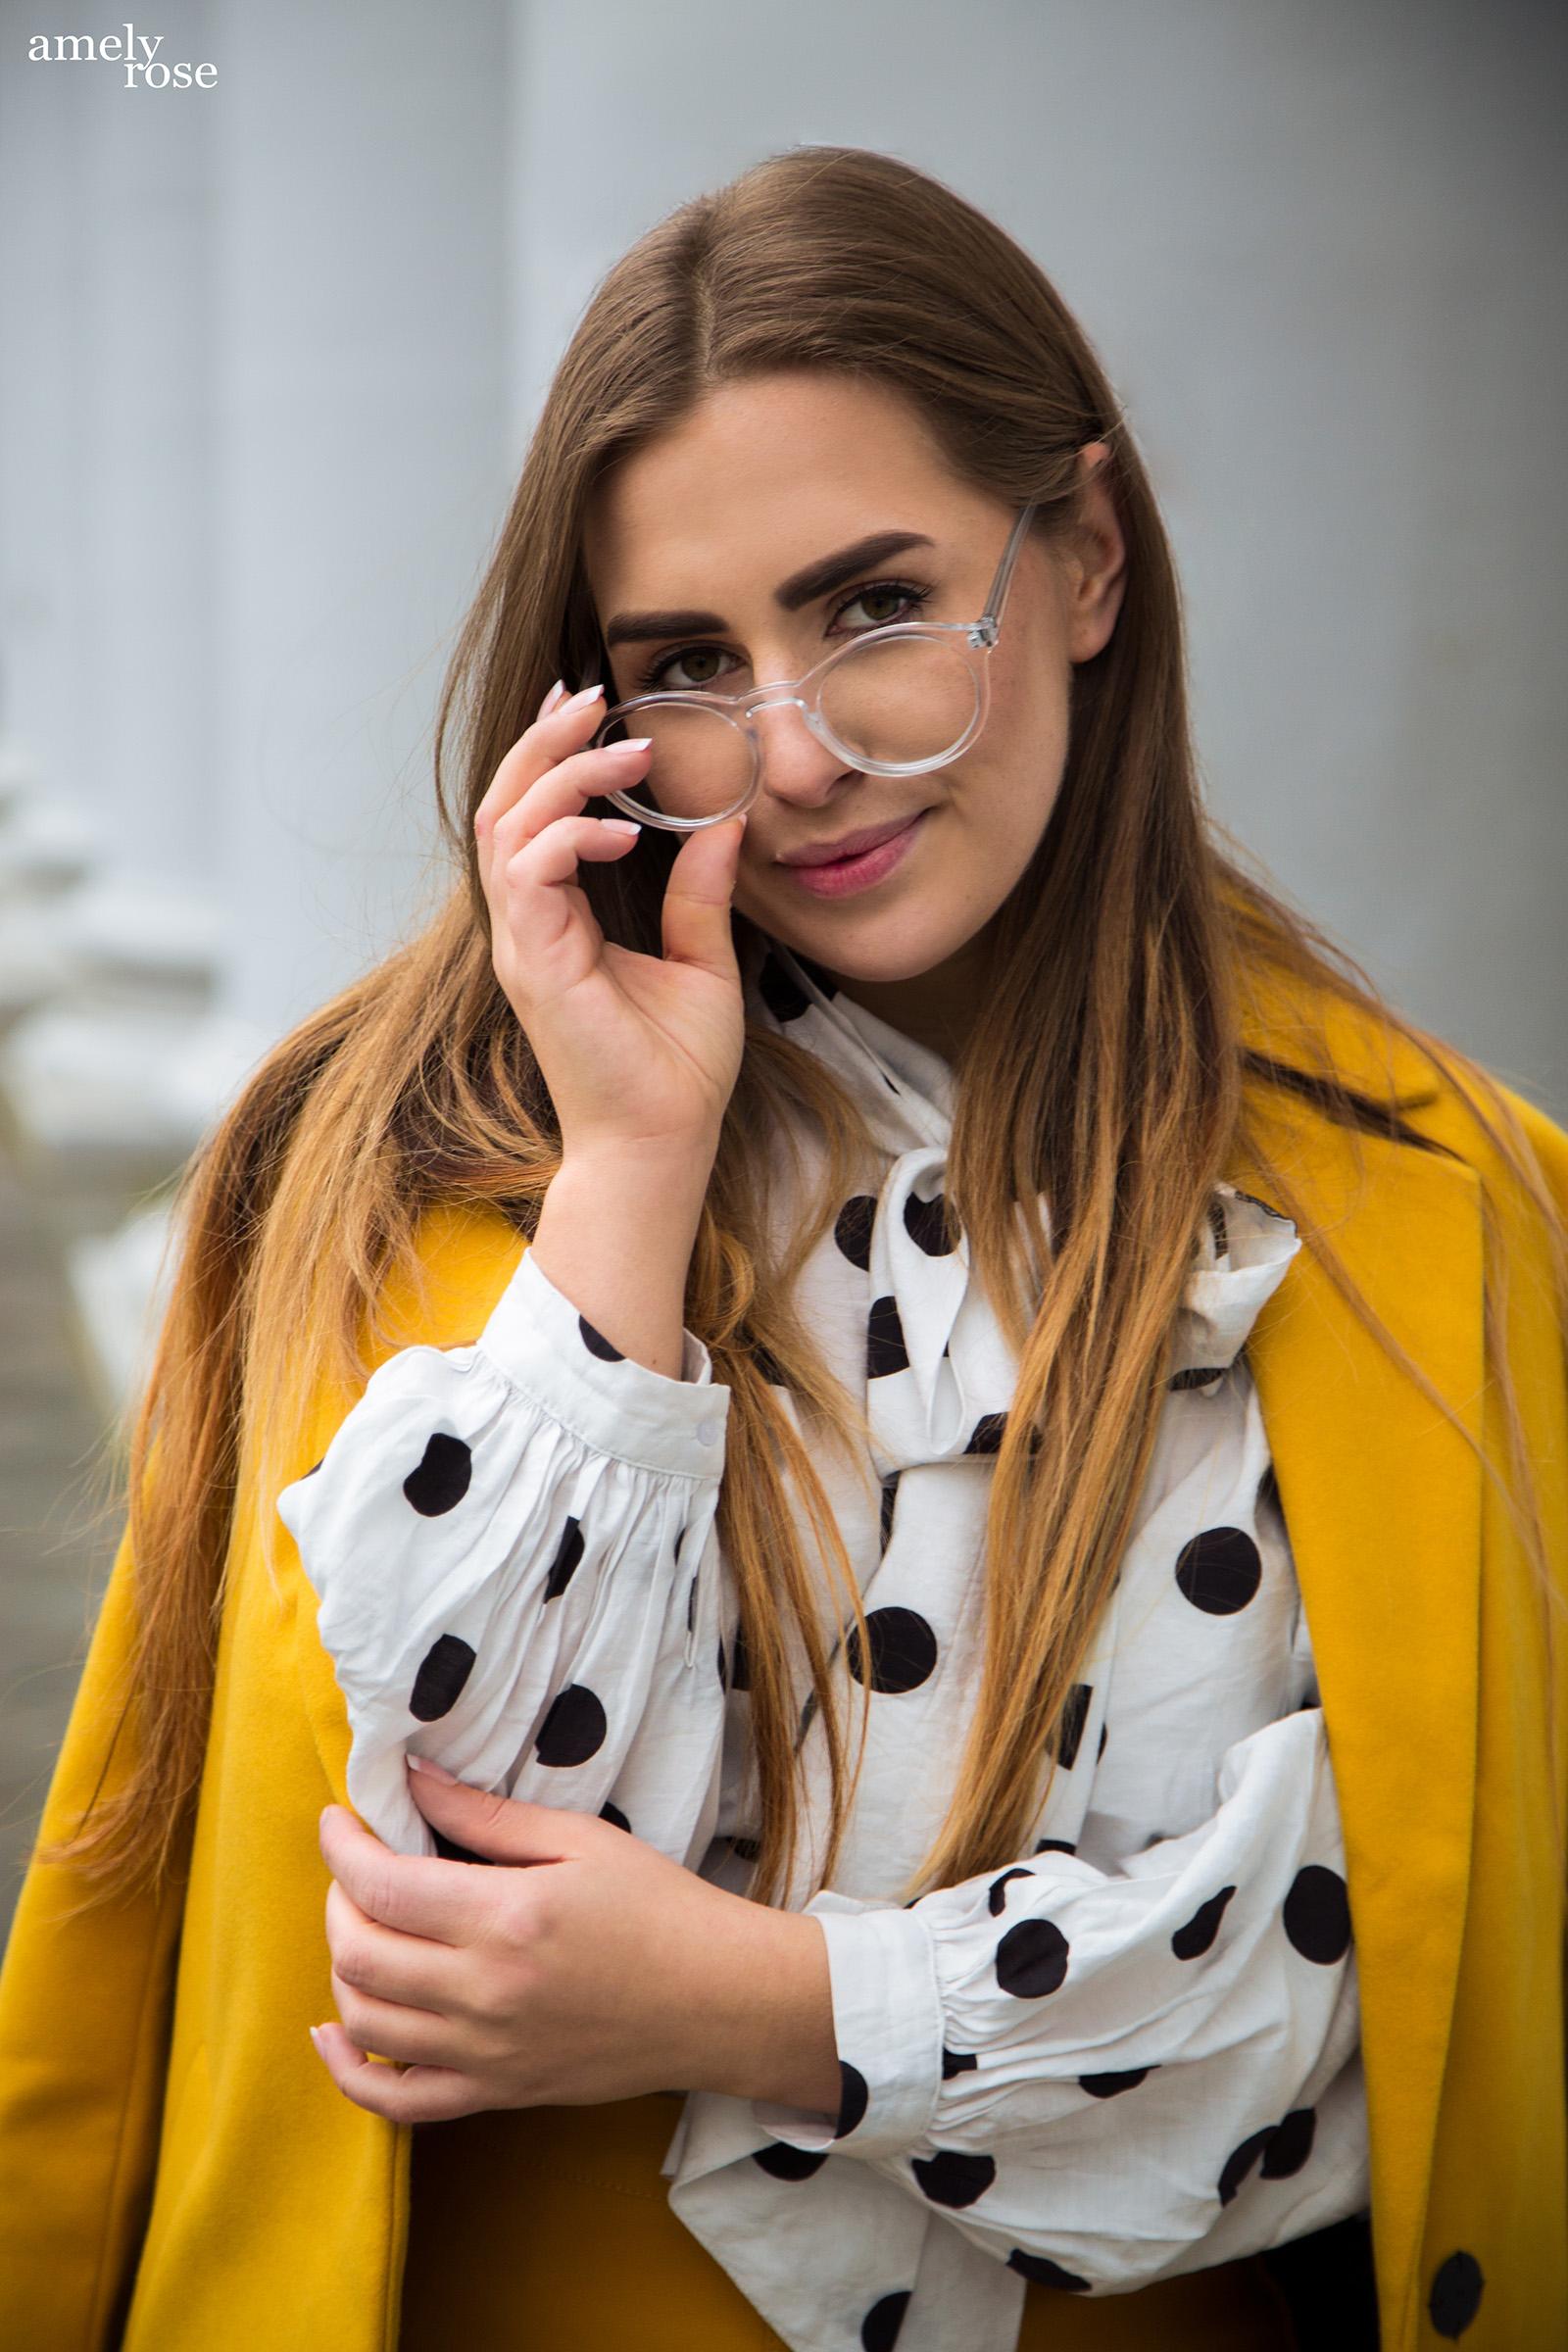 stilbag_senfgelber_sommerlook_leichter_mantel_nerdbrille_zara_zarasale_clip-in_extensions_handyhülle_smartphone_phonecase_handytasche